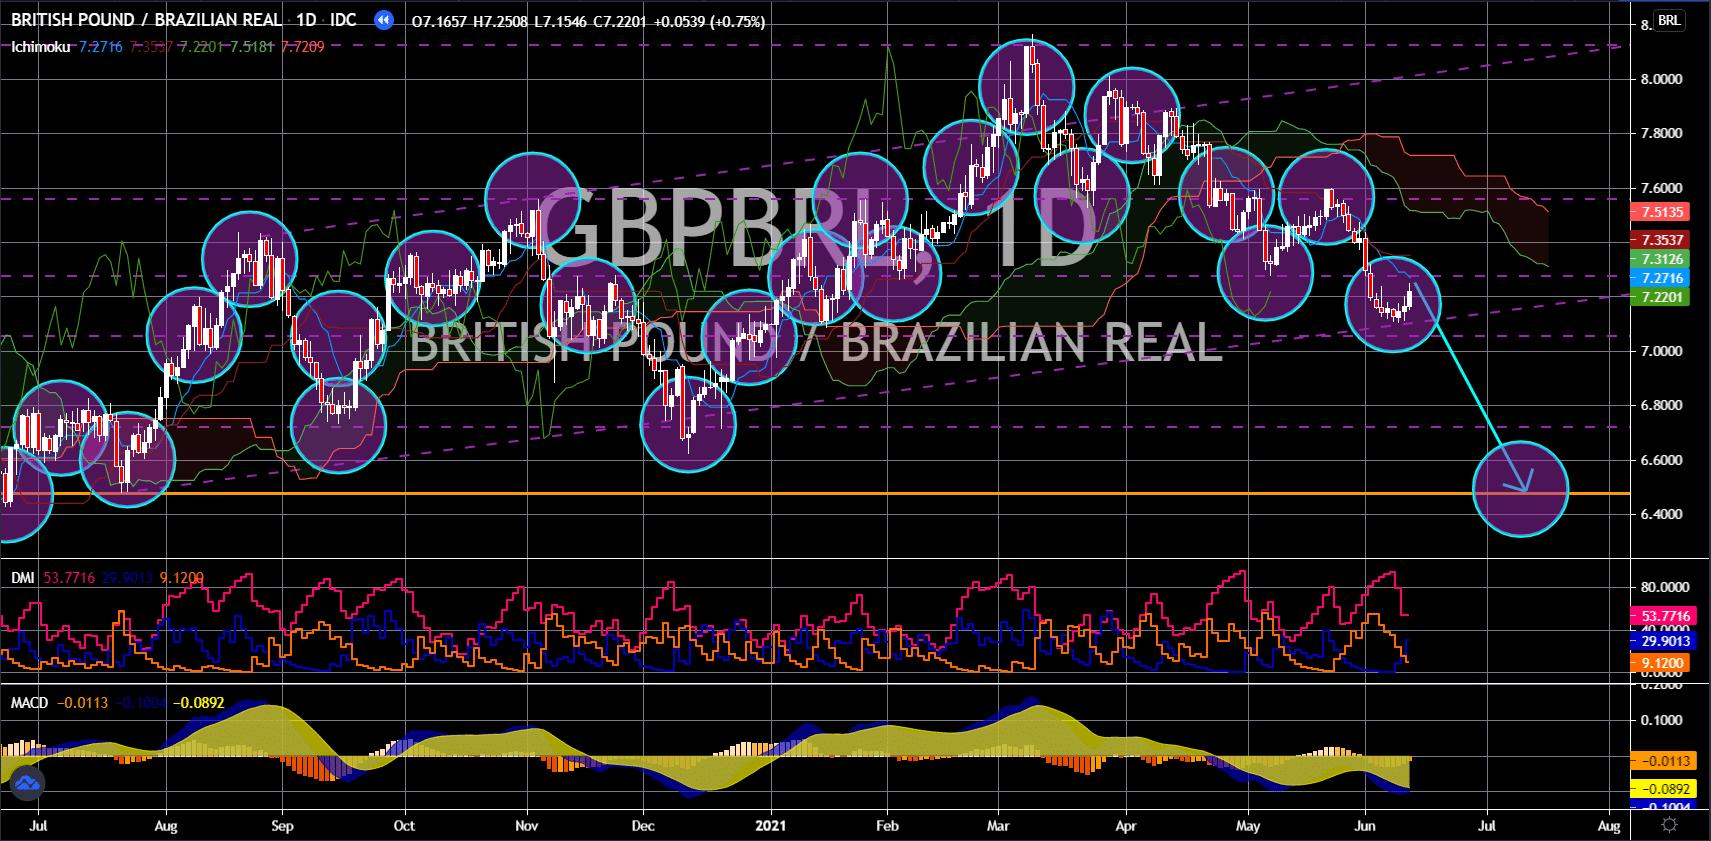 FinanceBrokerage - Notícias do Mercado: Gráfico de GBP/BRL